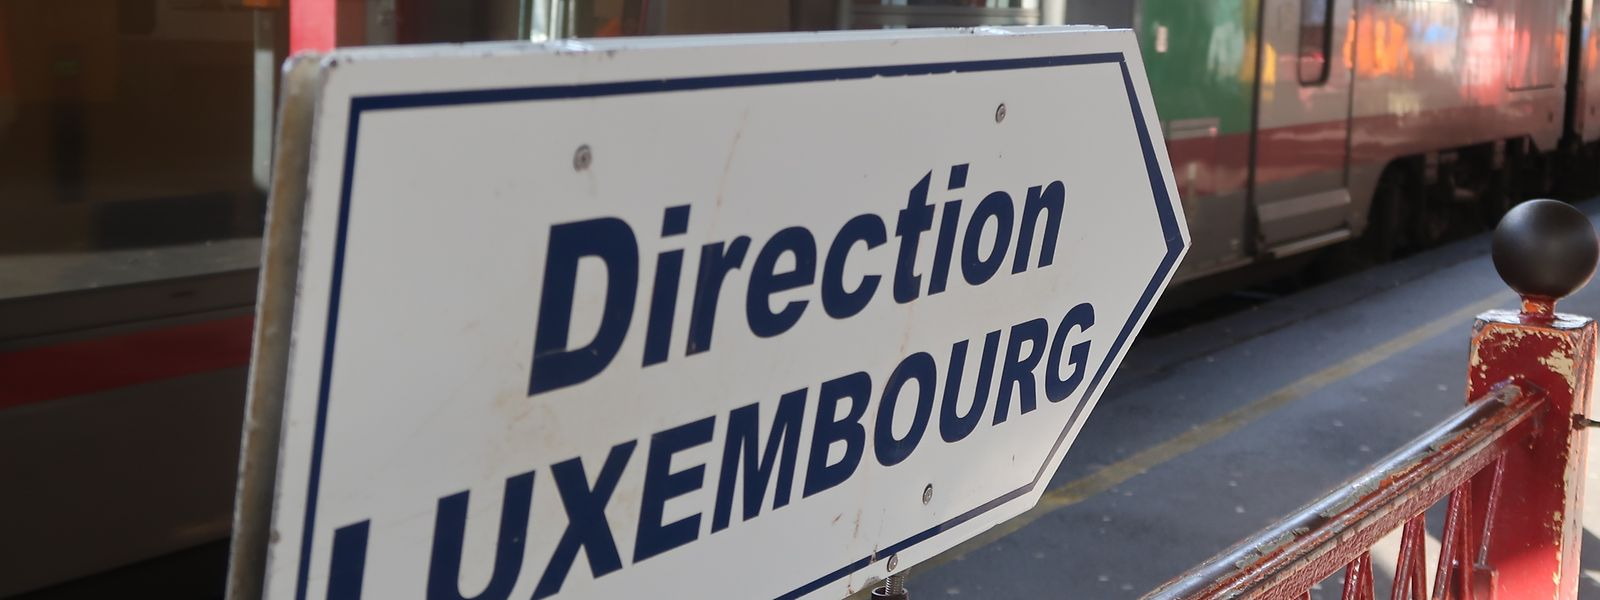 Der Wahlbezirk Süden besteht aus den Kantonen Esch und Capellen. Will Leudelingen in den Wahlbezirk Zentrum kommen, so muss die Gemeinde vom Kanton Esch in den Kanton Luxemburg wechseln.